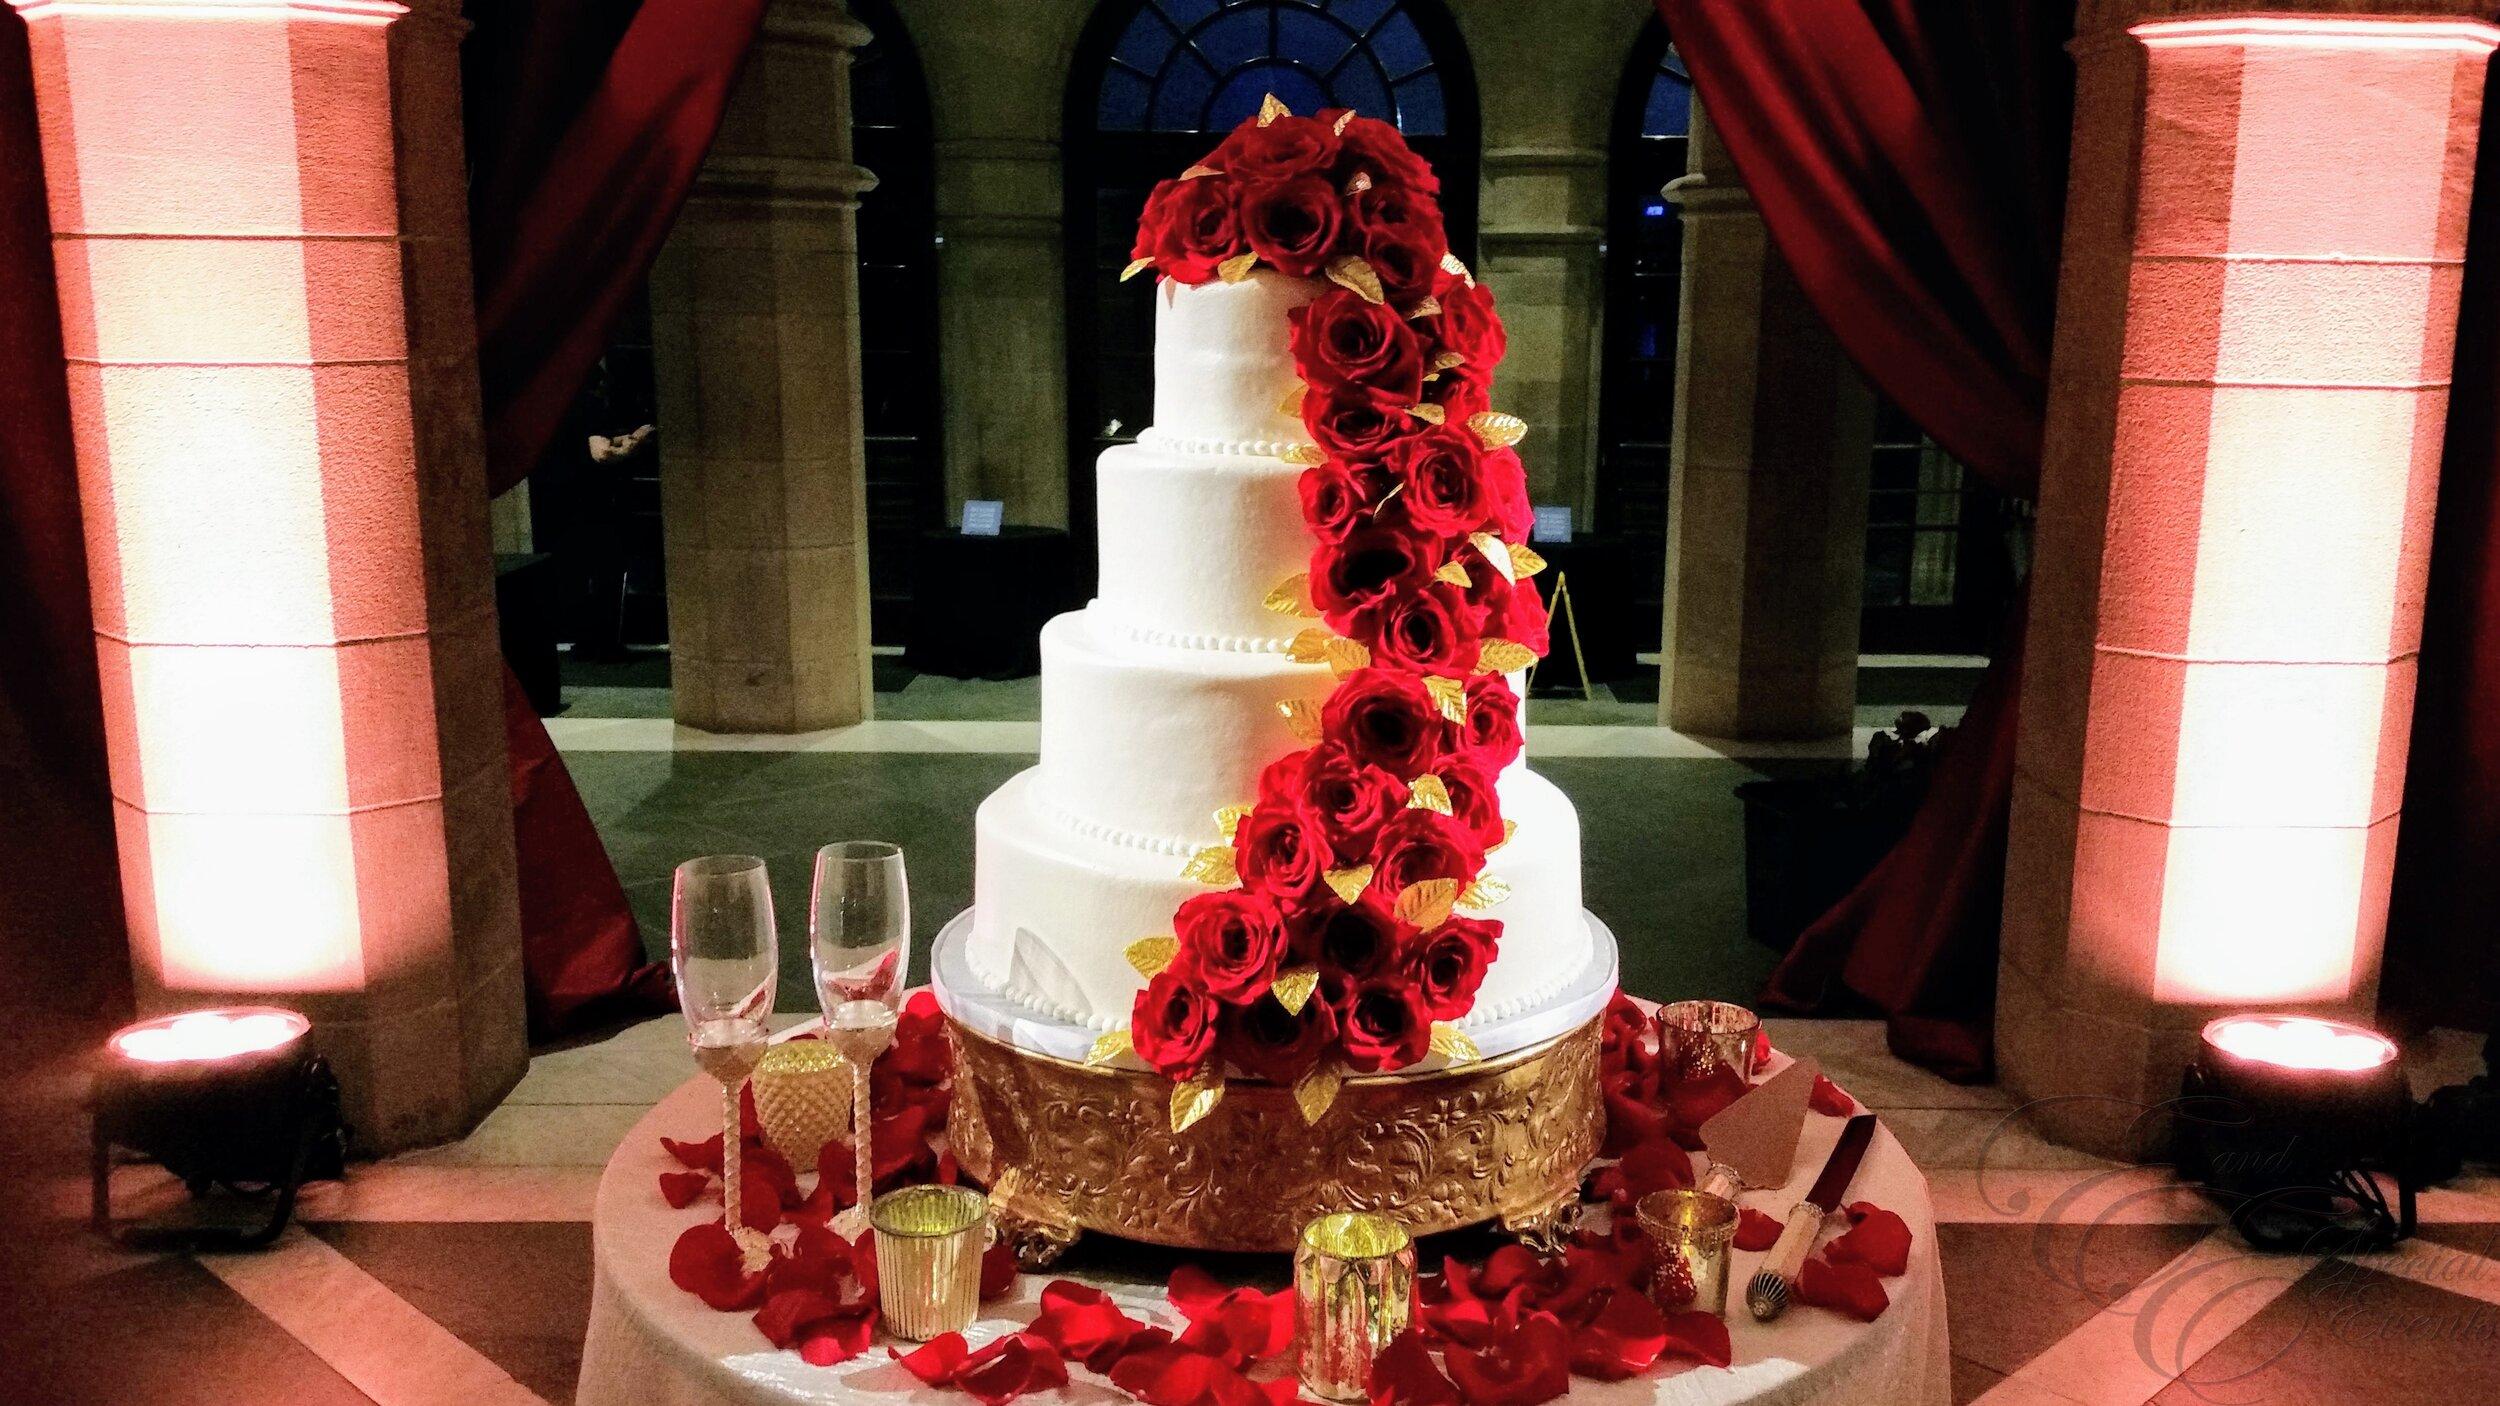 wedding_cakes_E_and_E_Special_Events_virginia_beach_33.jpg